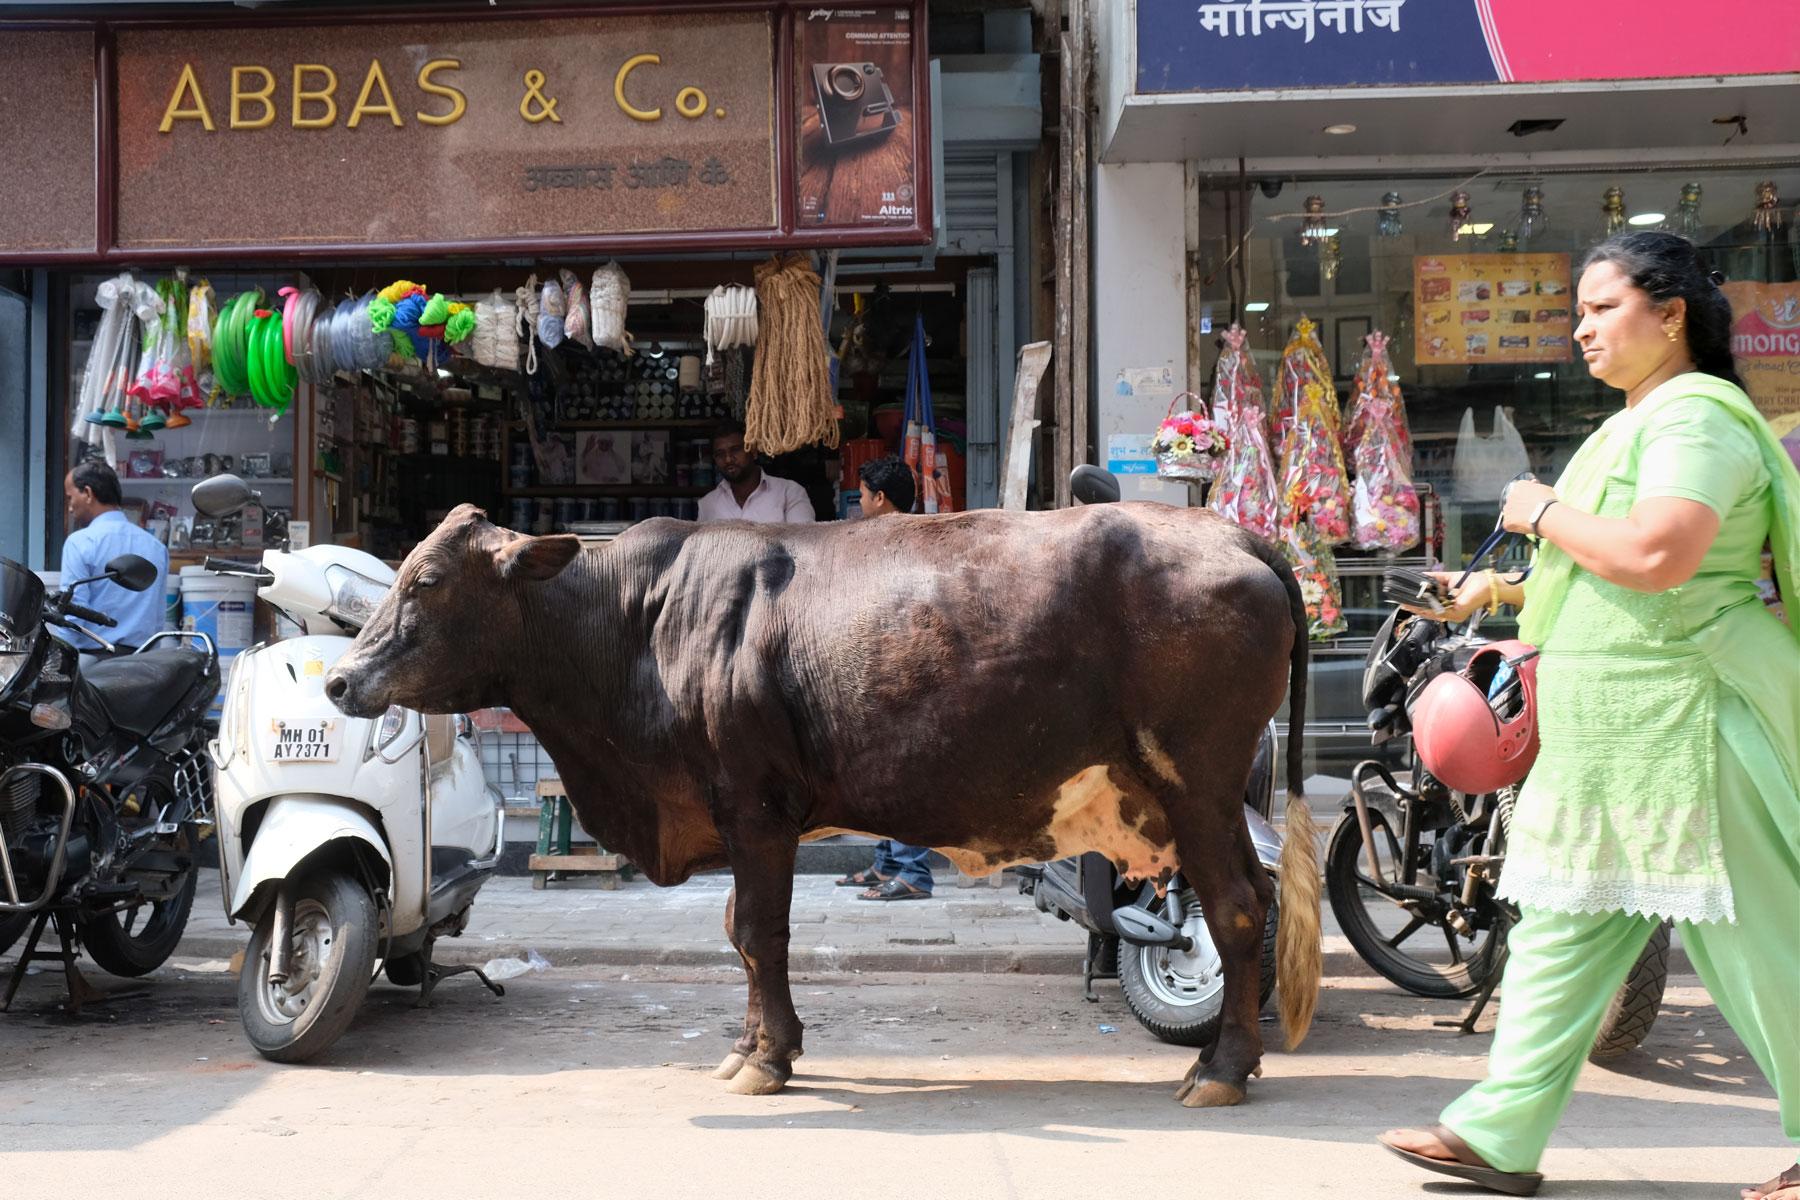 In Mumbai steht eine Kuh auf einer Straße, auf der Menschen laufen.